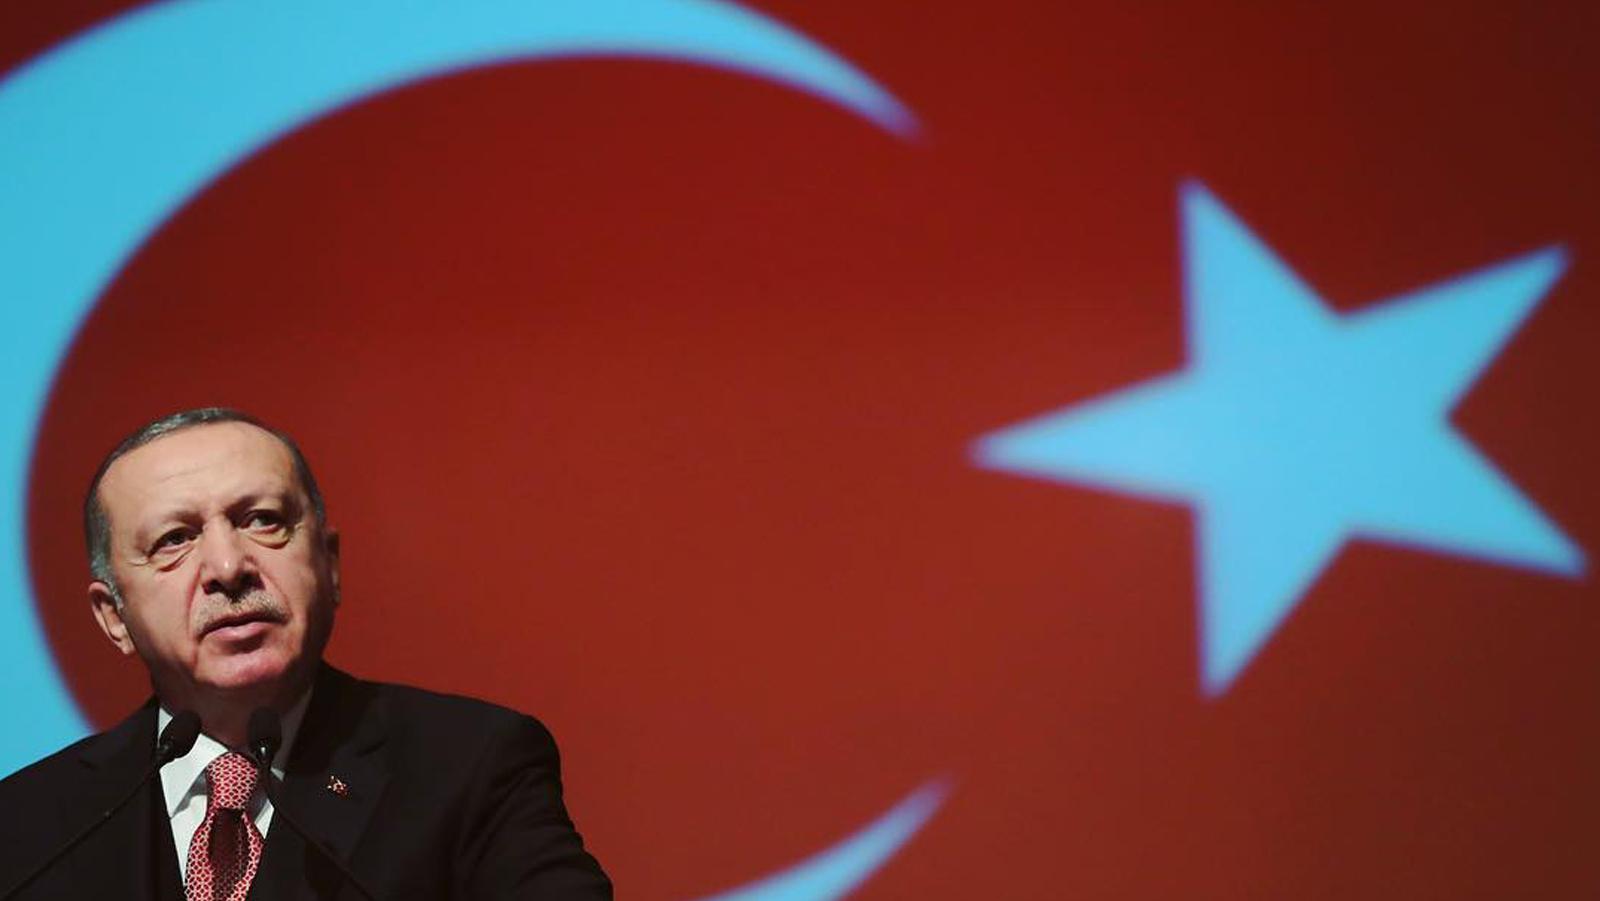 Guerra in Siria. Il Presidente turco Recep Tayyip Erdogan